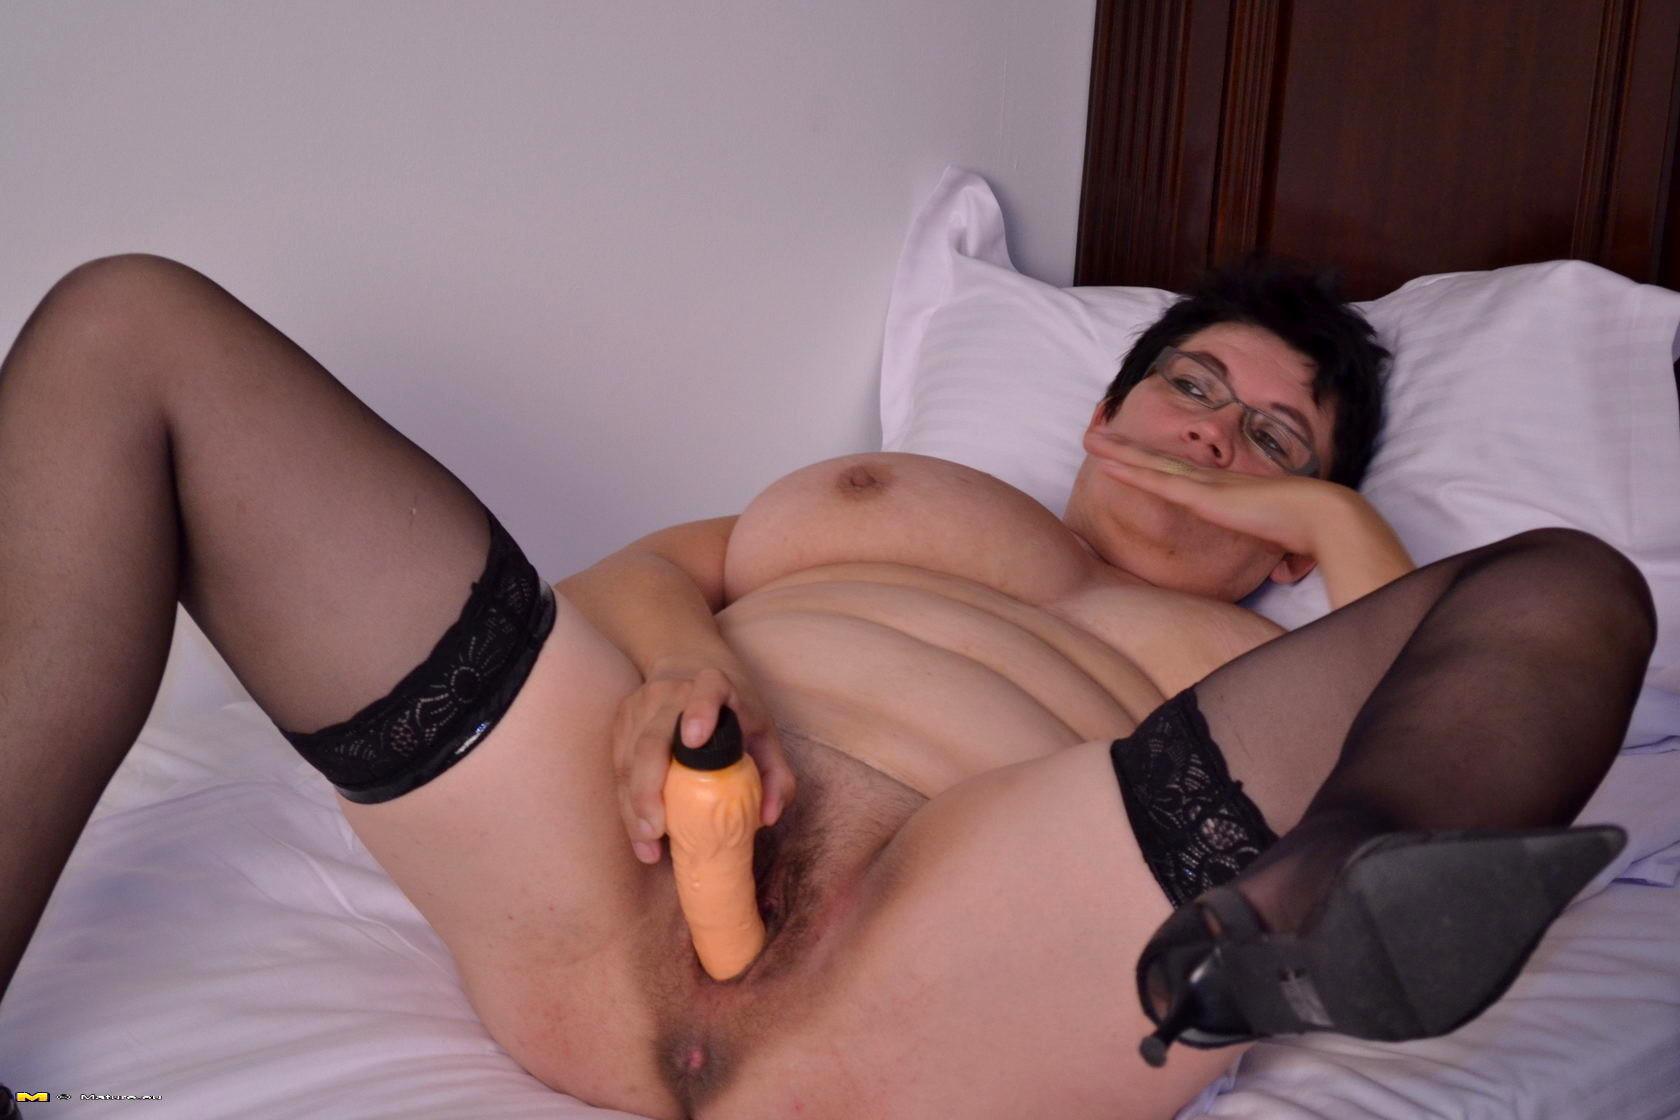 Porno Hd Granny Resource Sex Hd mature-3593